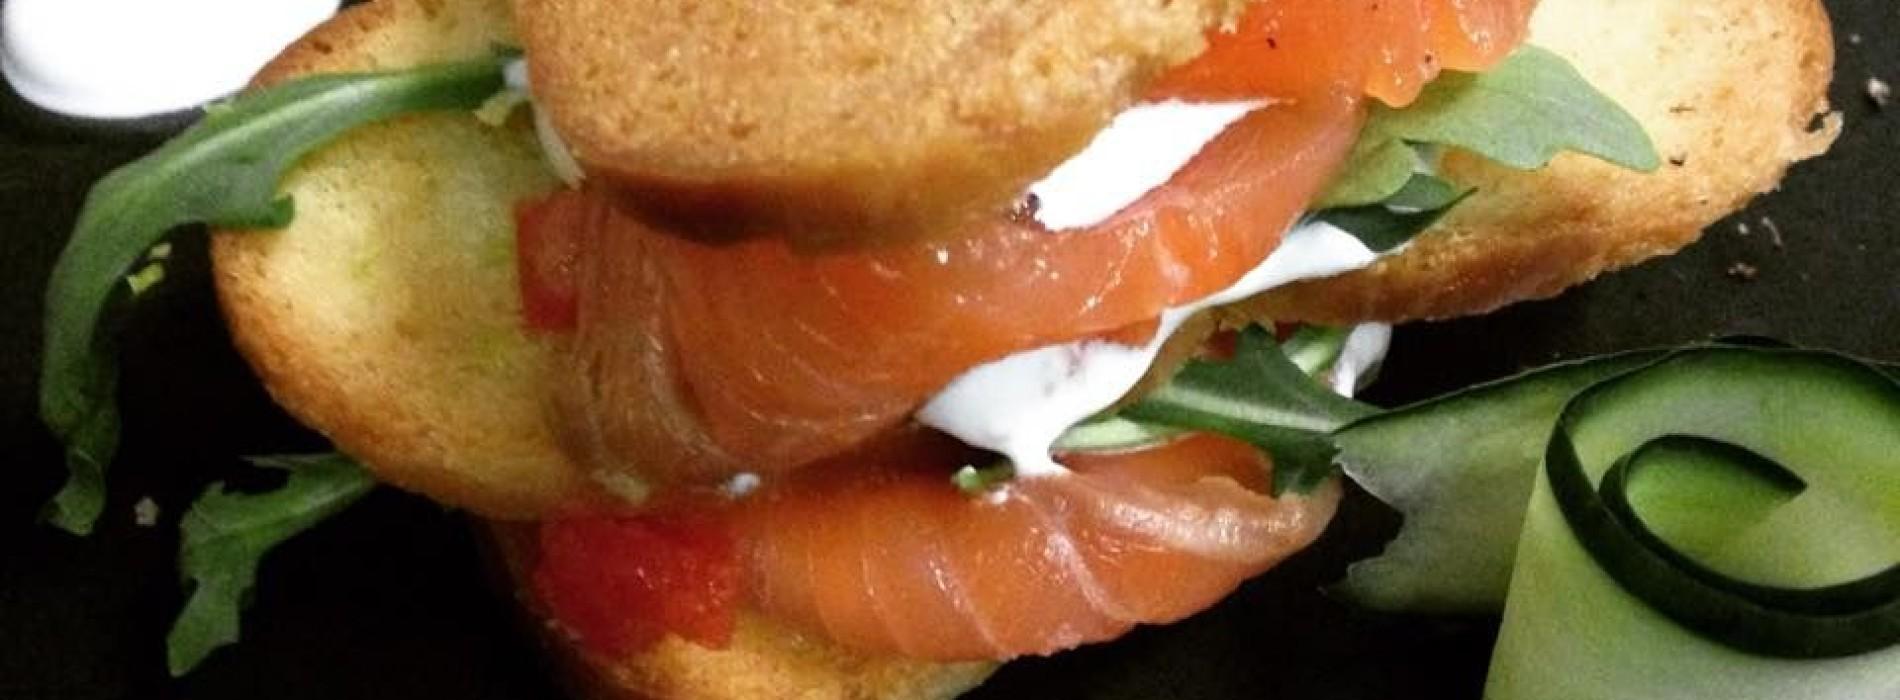 La Crostaceria a Roma raddoppia con il bistrot: street food di pesce e musica jazz a Monti